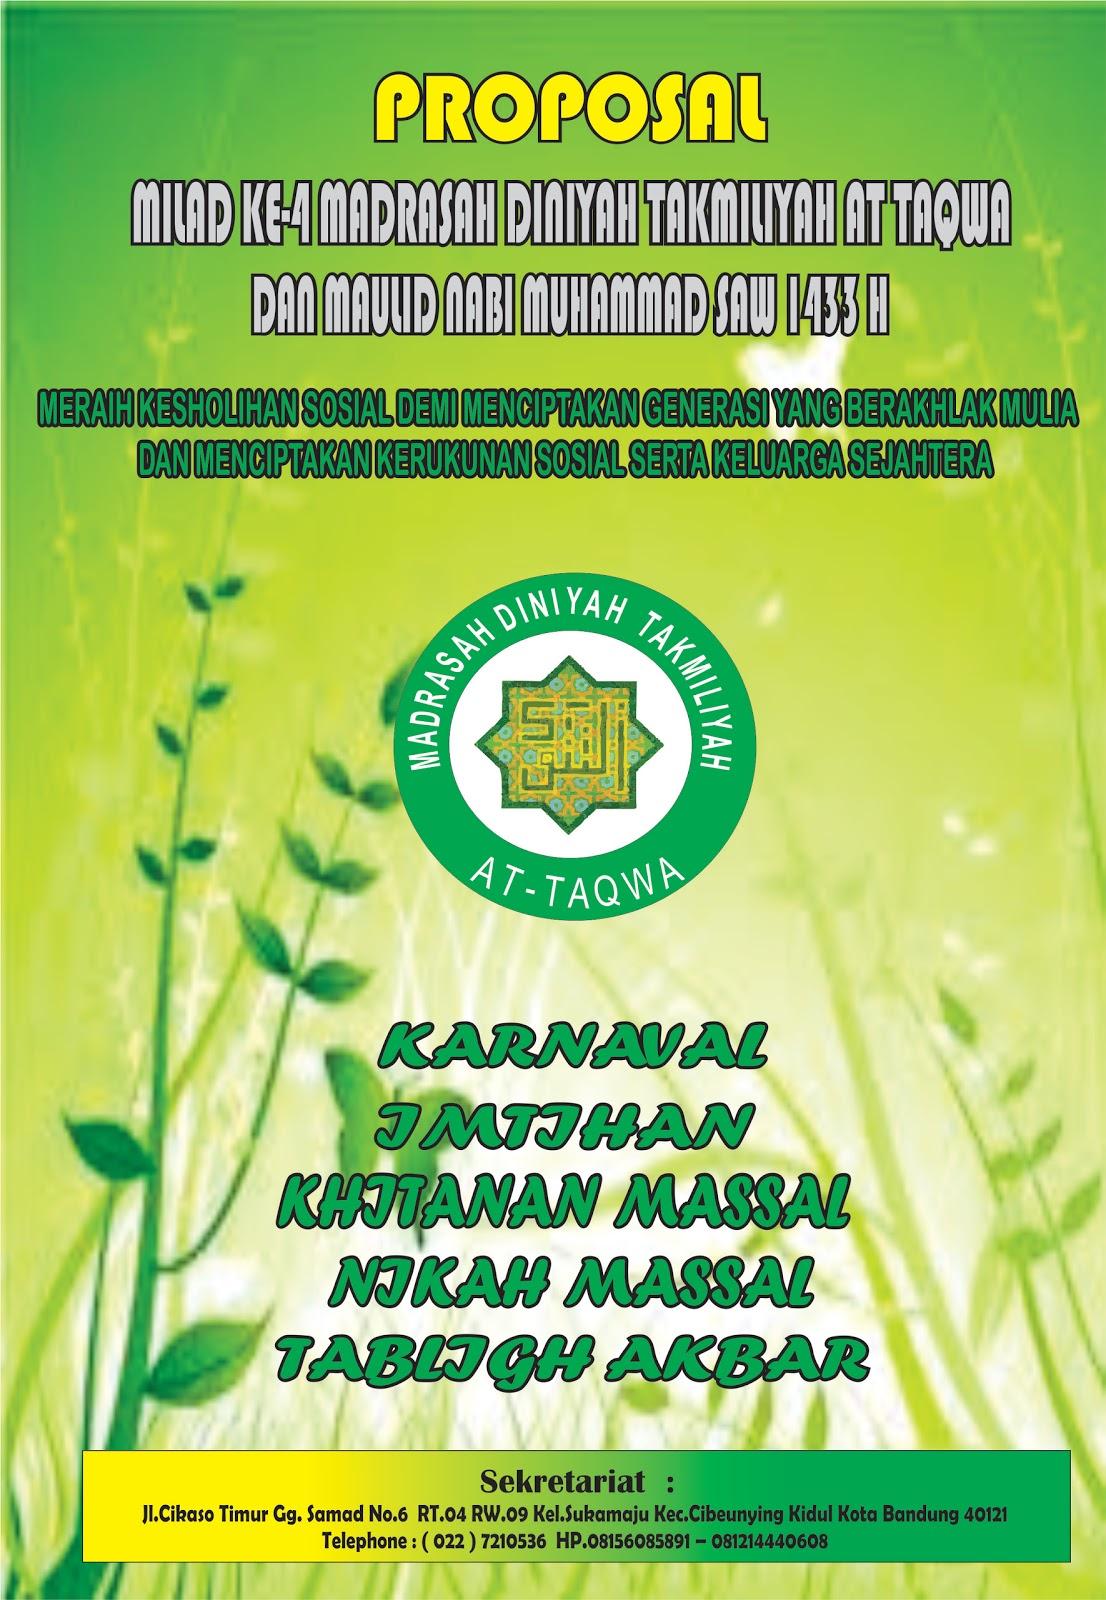 Madrasah At Taqwa Cikaso Rw 09 Bandung Proposal Milad Ke 4 Sunatan